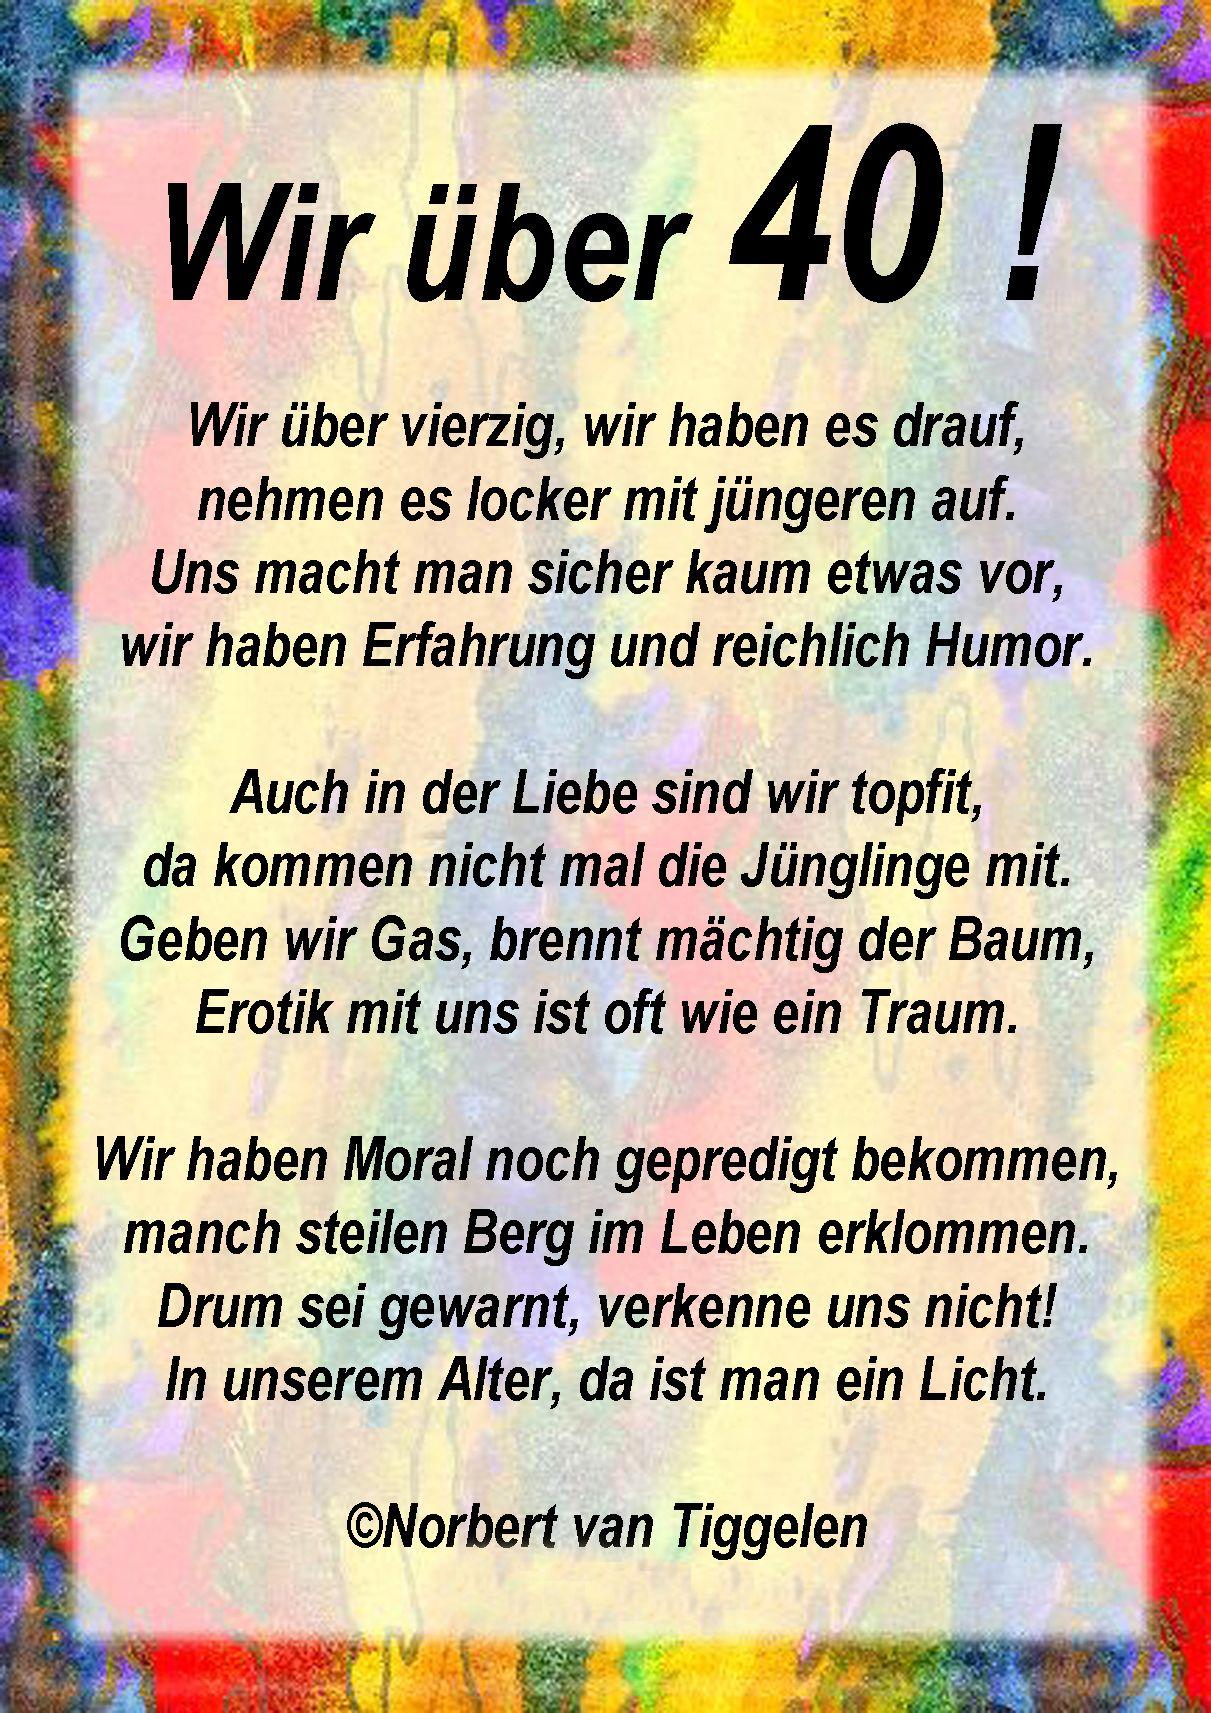 40, Van Tiggelen, Gedichte, Menschen, Leben, Weisheit, Welt, Erde